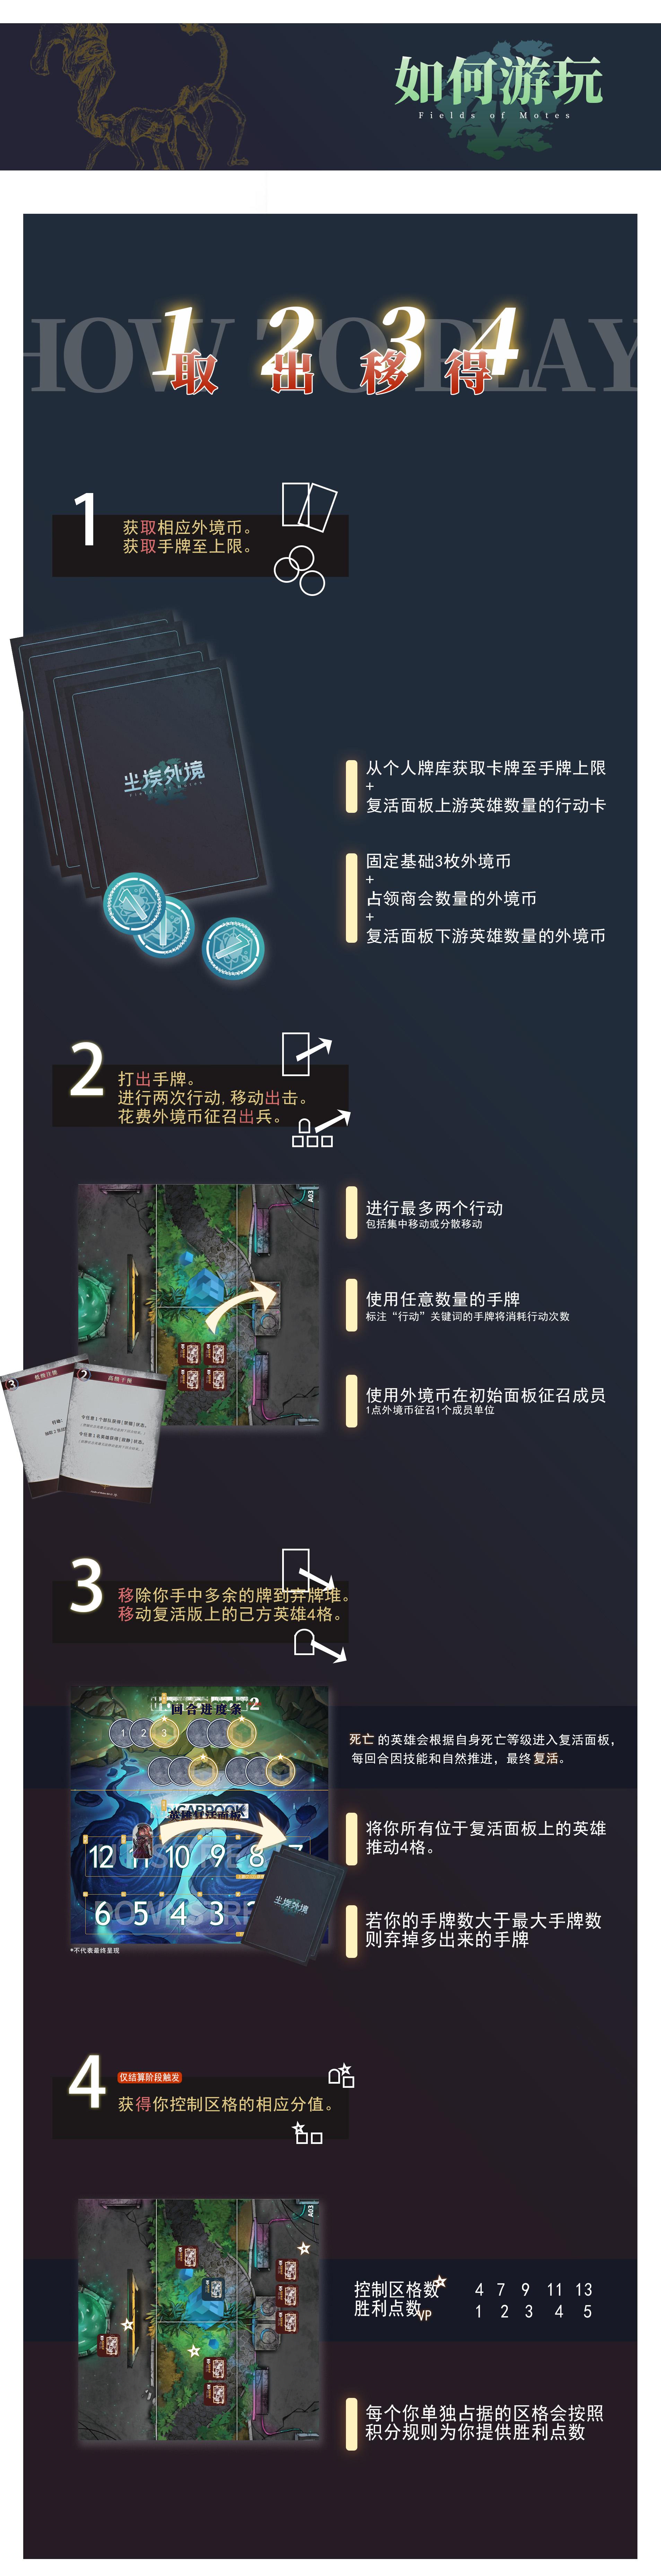 规则1.jpg